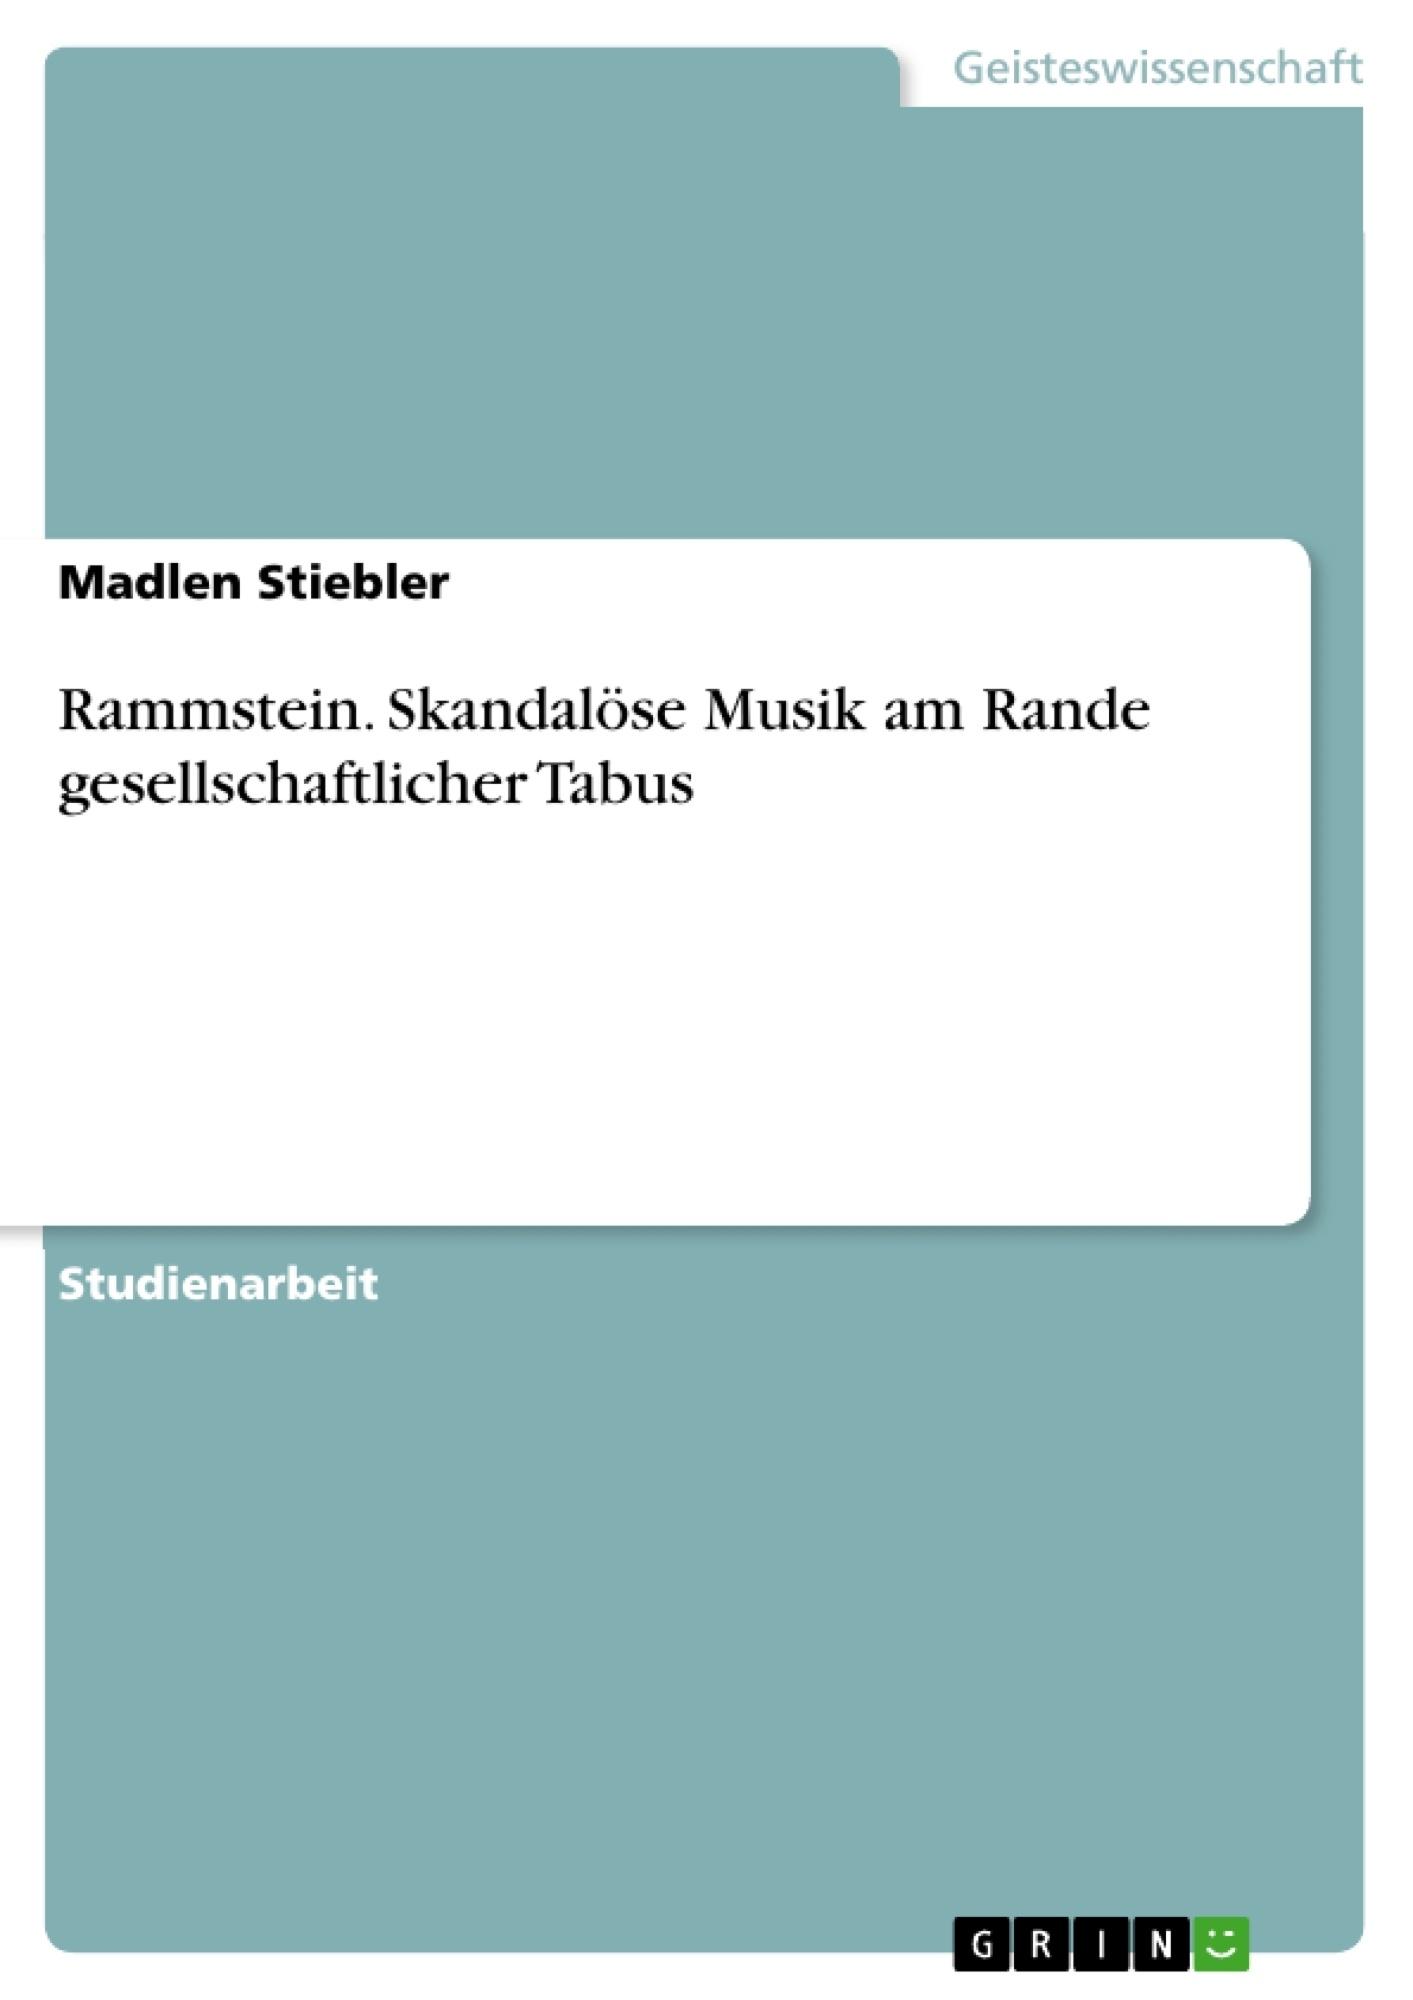 Titel: Rammstein. Skandalöse Musik am Rande gesellschaftlicher Tabus